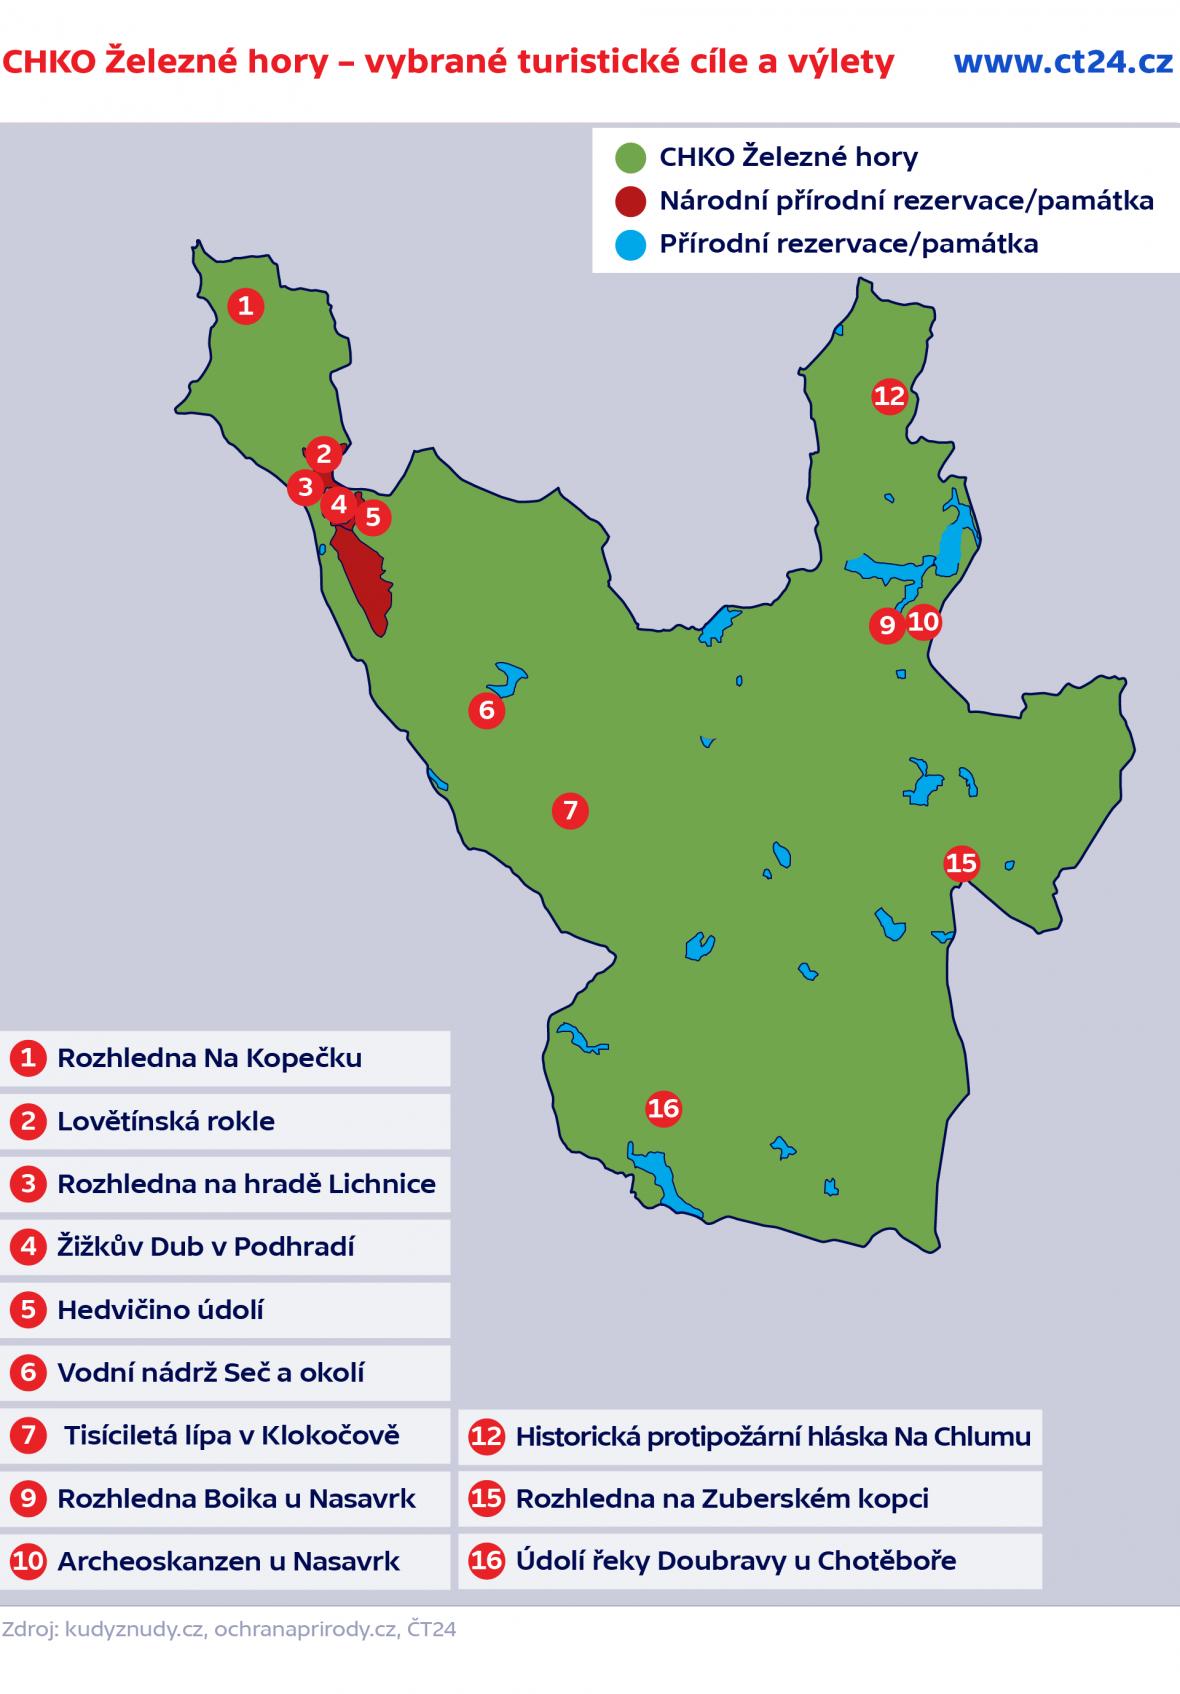 CHKO Železné hory – vybrané turistické cíle a výlety